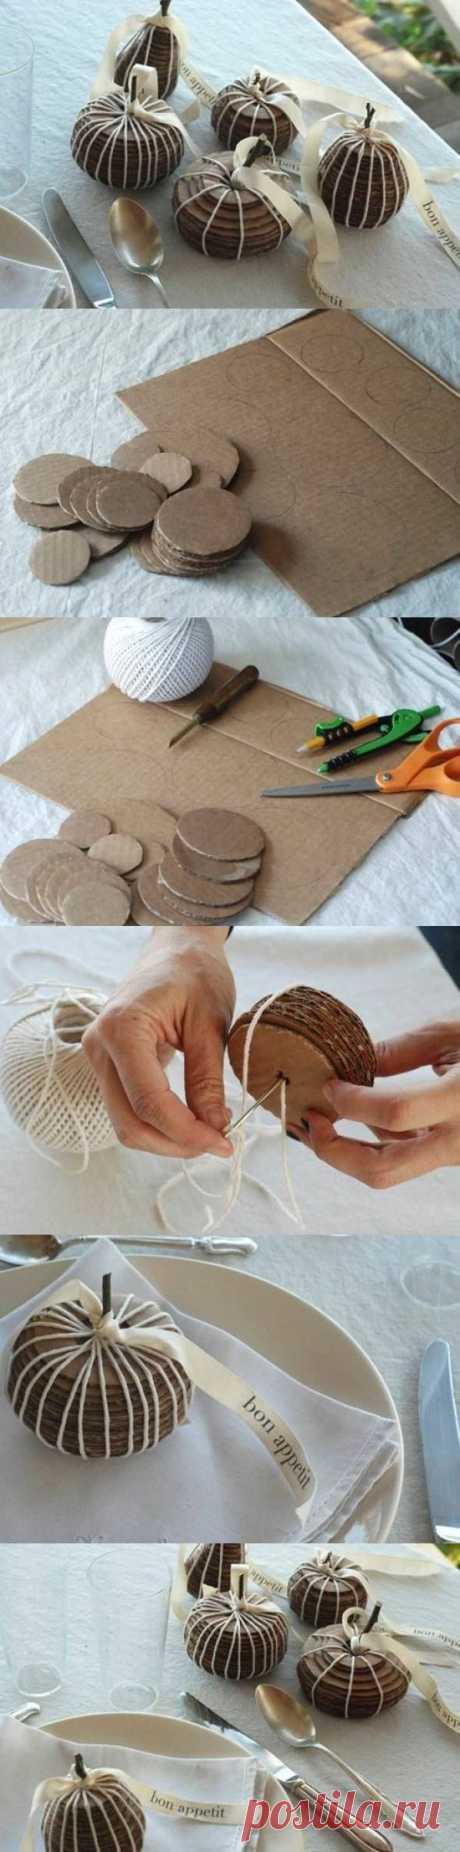 Cool Decoration Idea | Best DIY Ideas